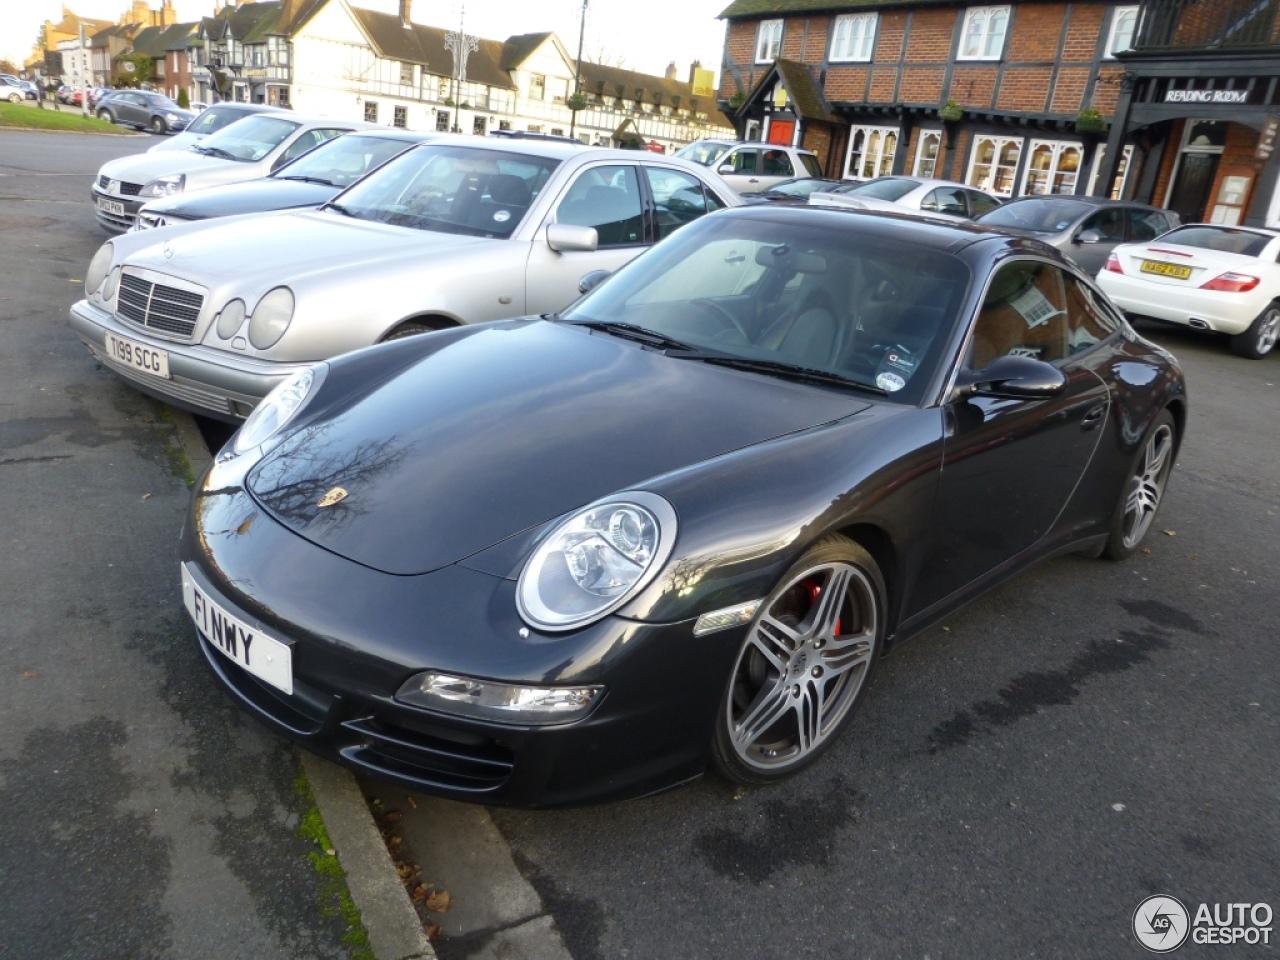 Porsche 997 Targa 4s Mki 18 November 2012 Autogespot